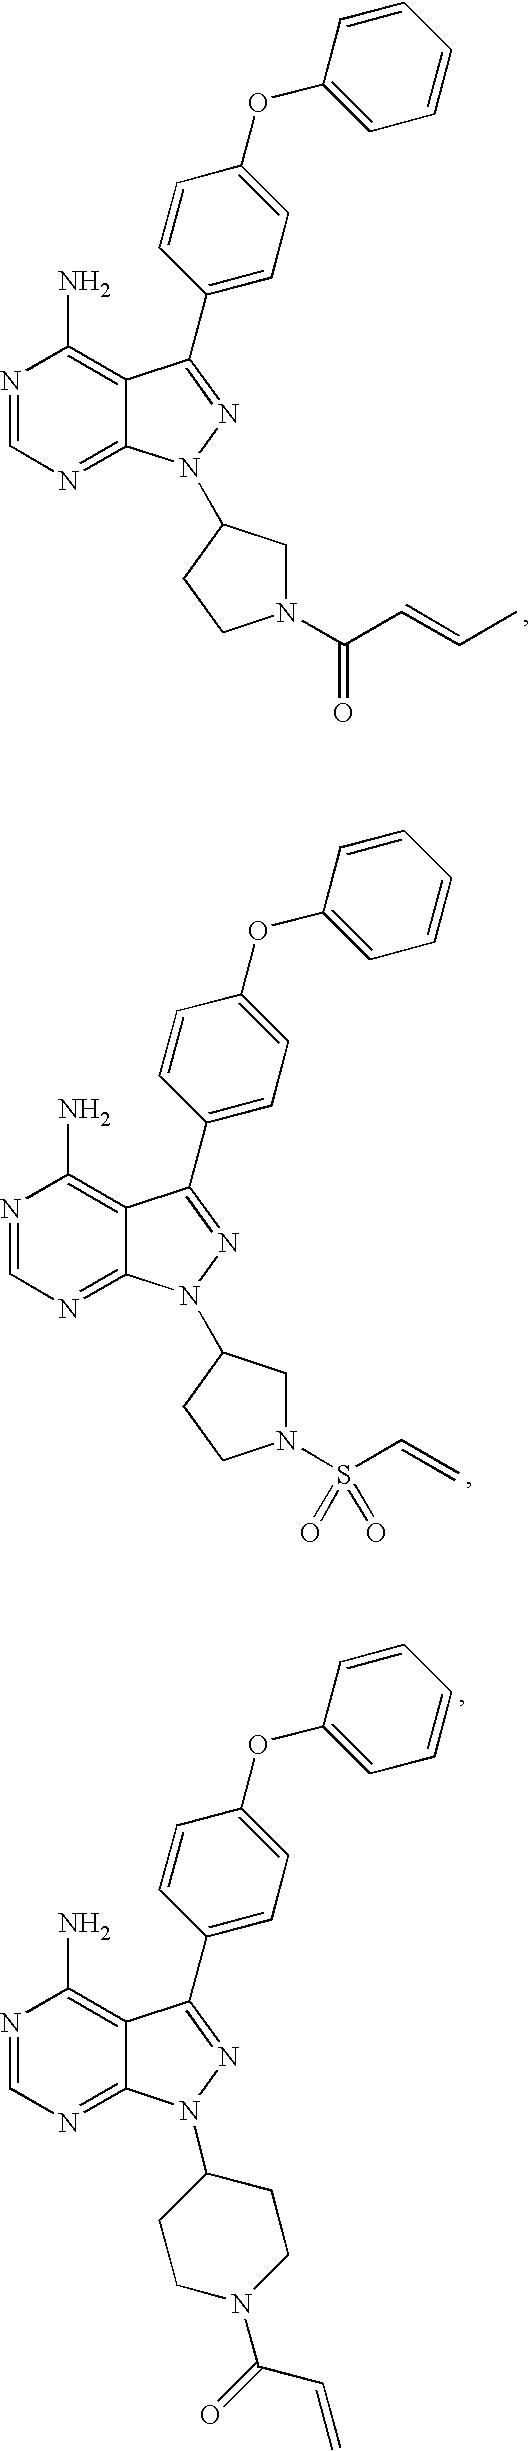 Figure US07514444-20090407-C00062